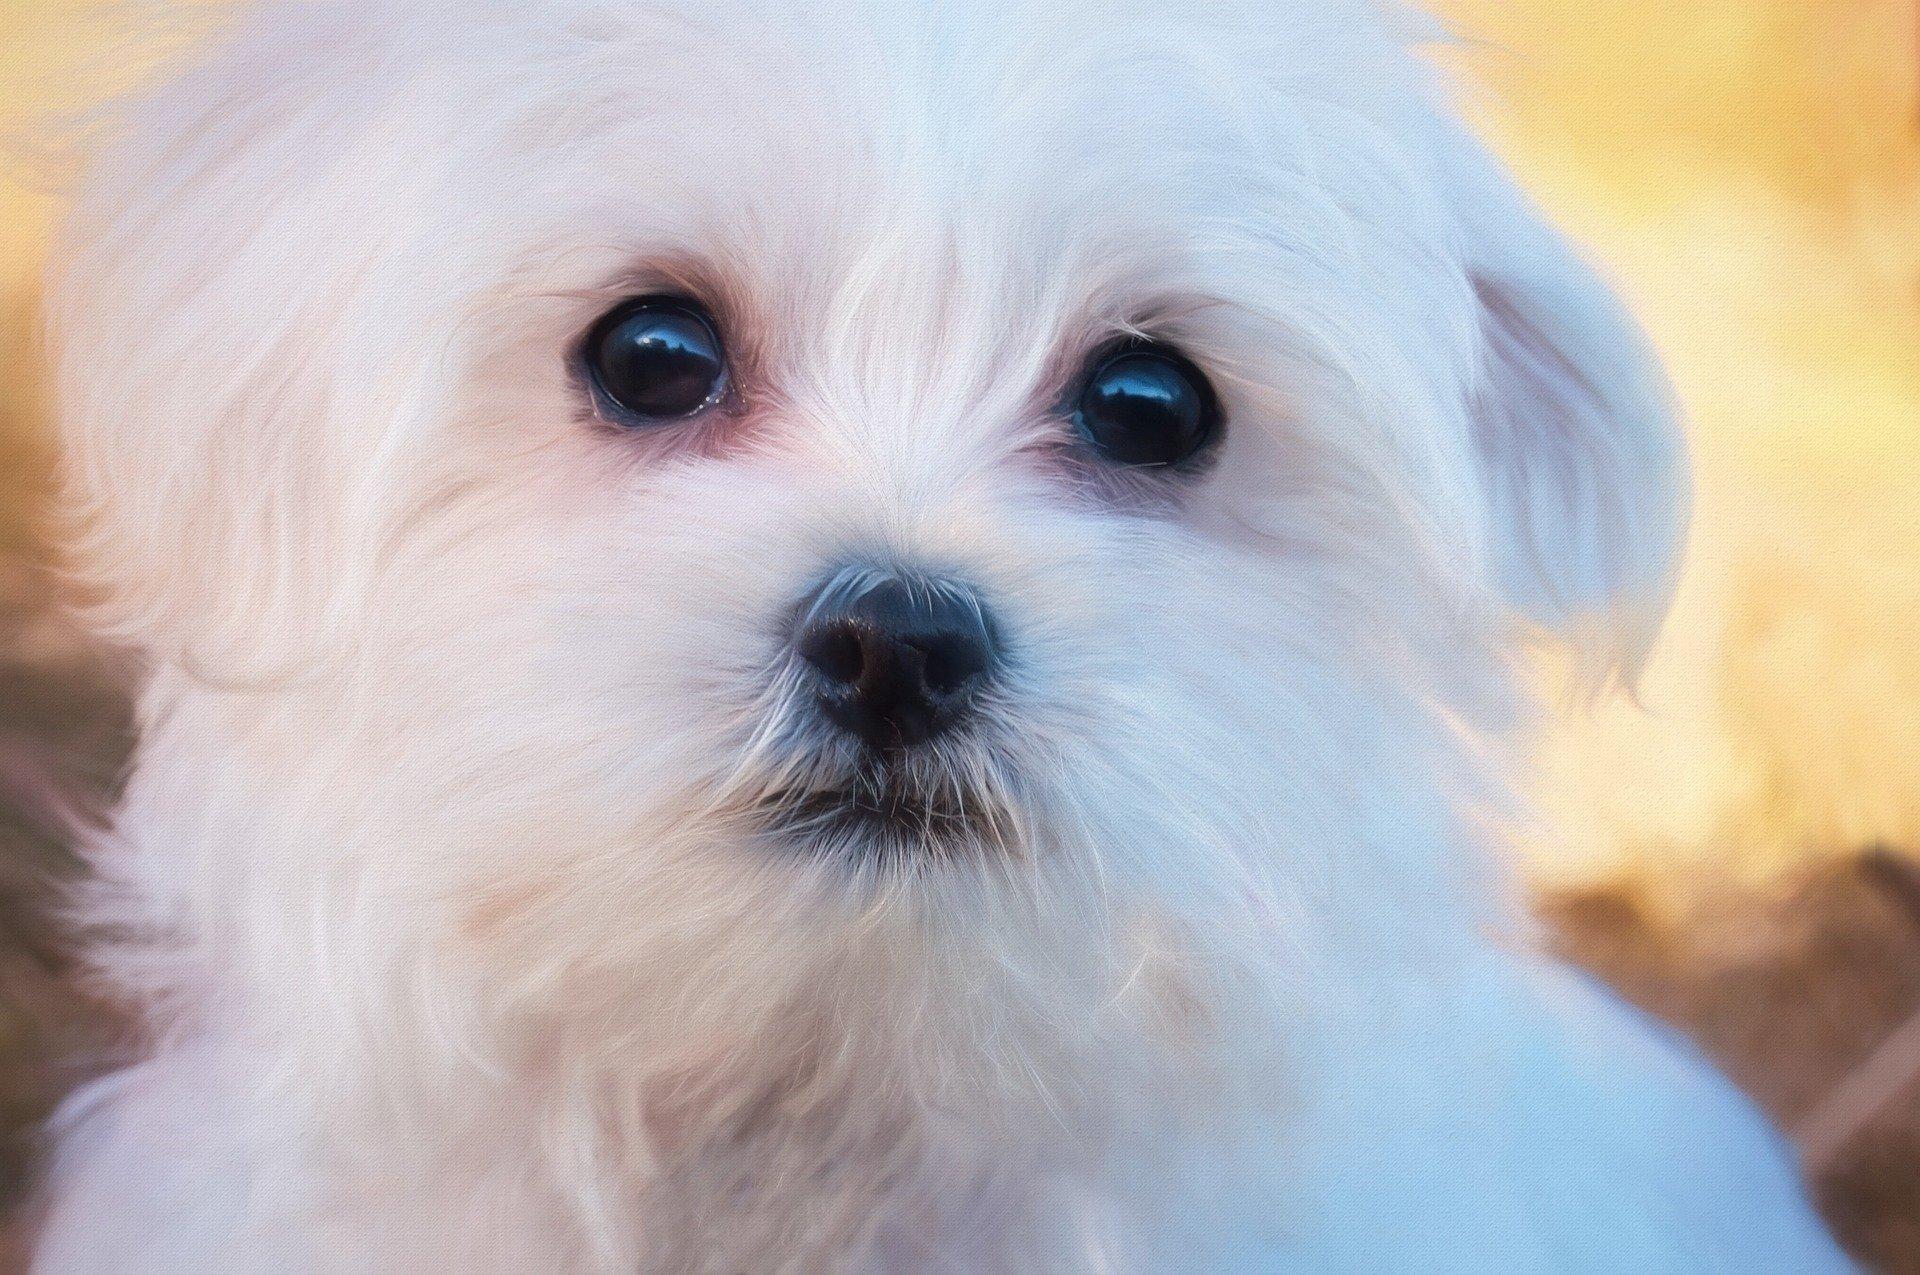 Cura degli occhi del cane maltese, come agire